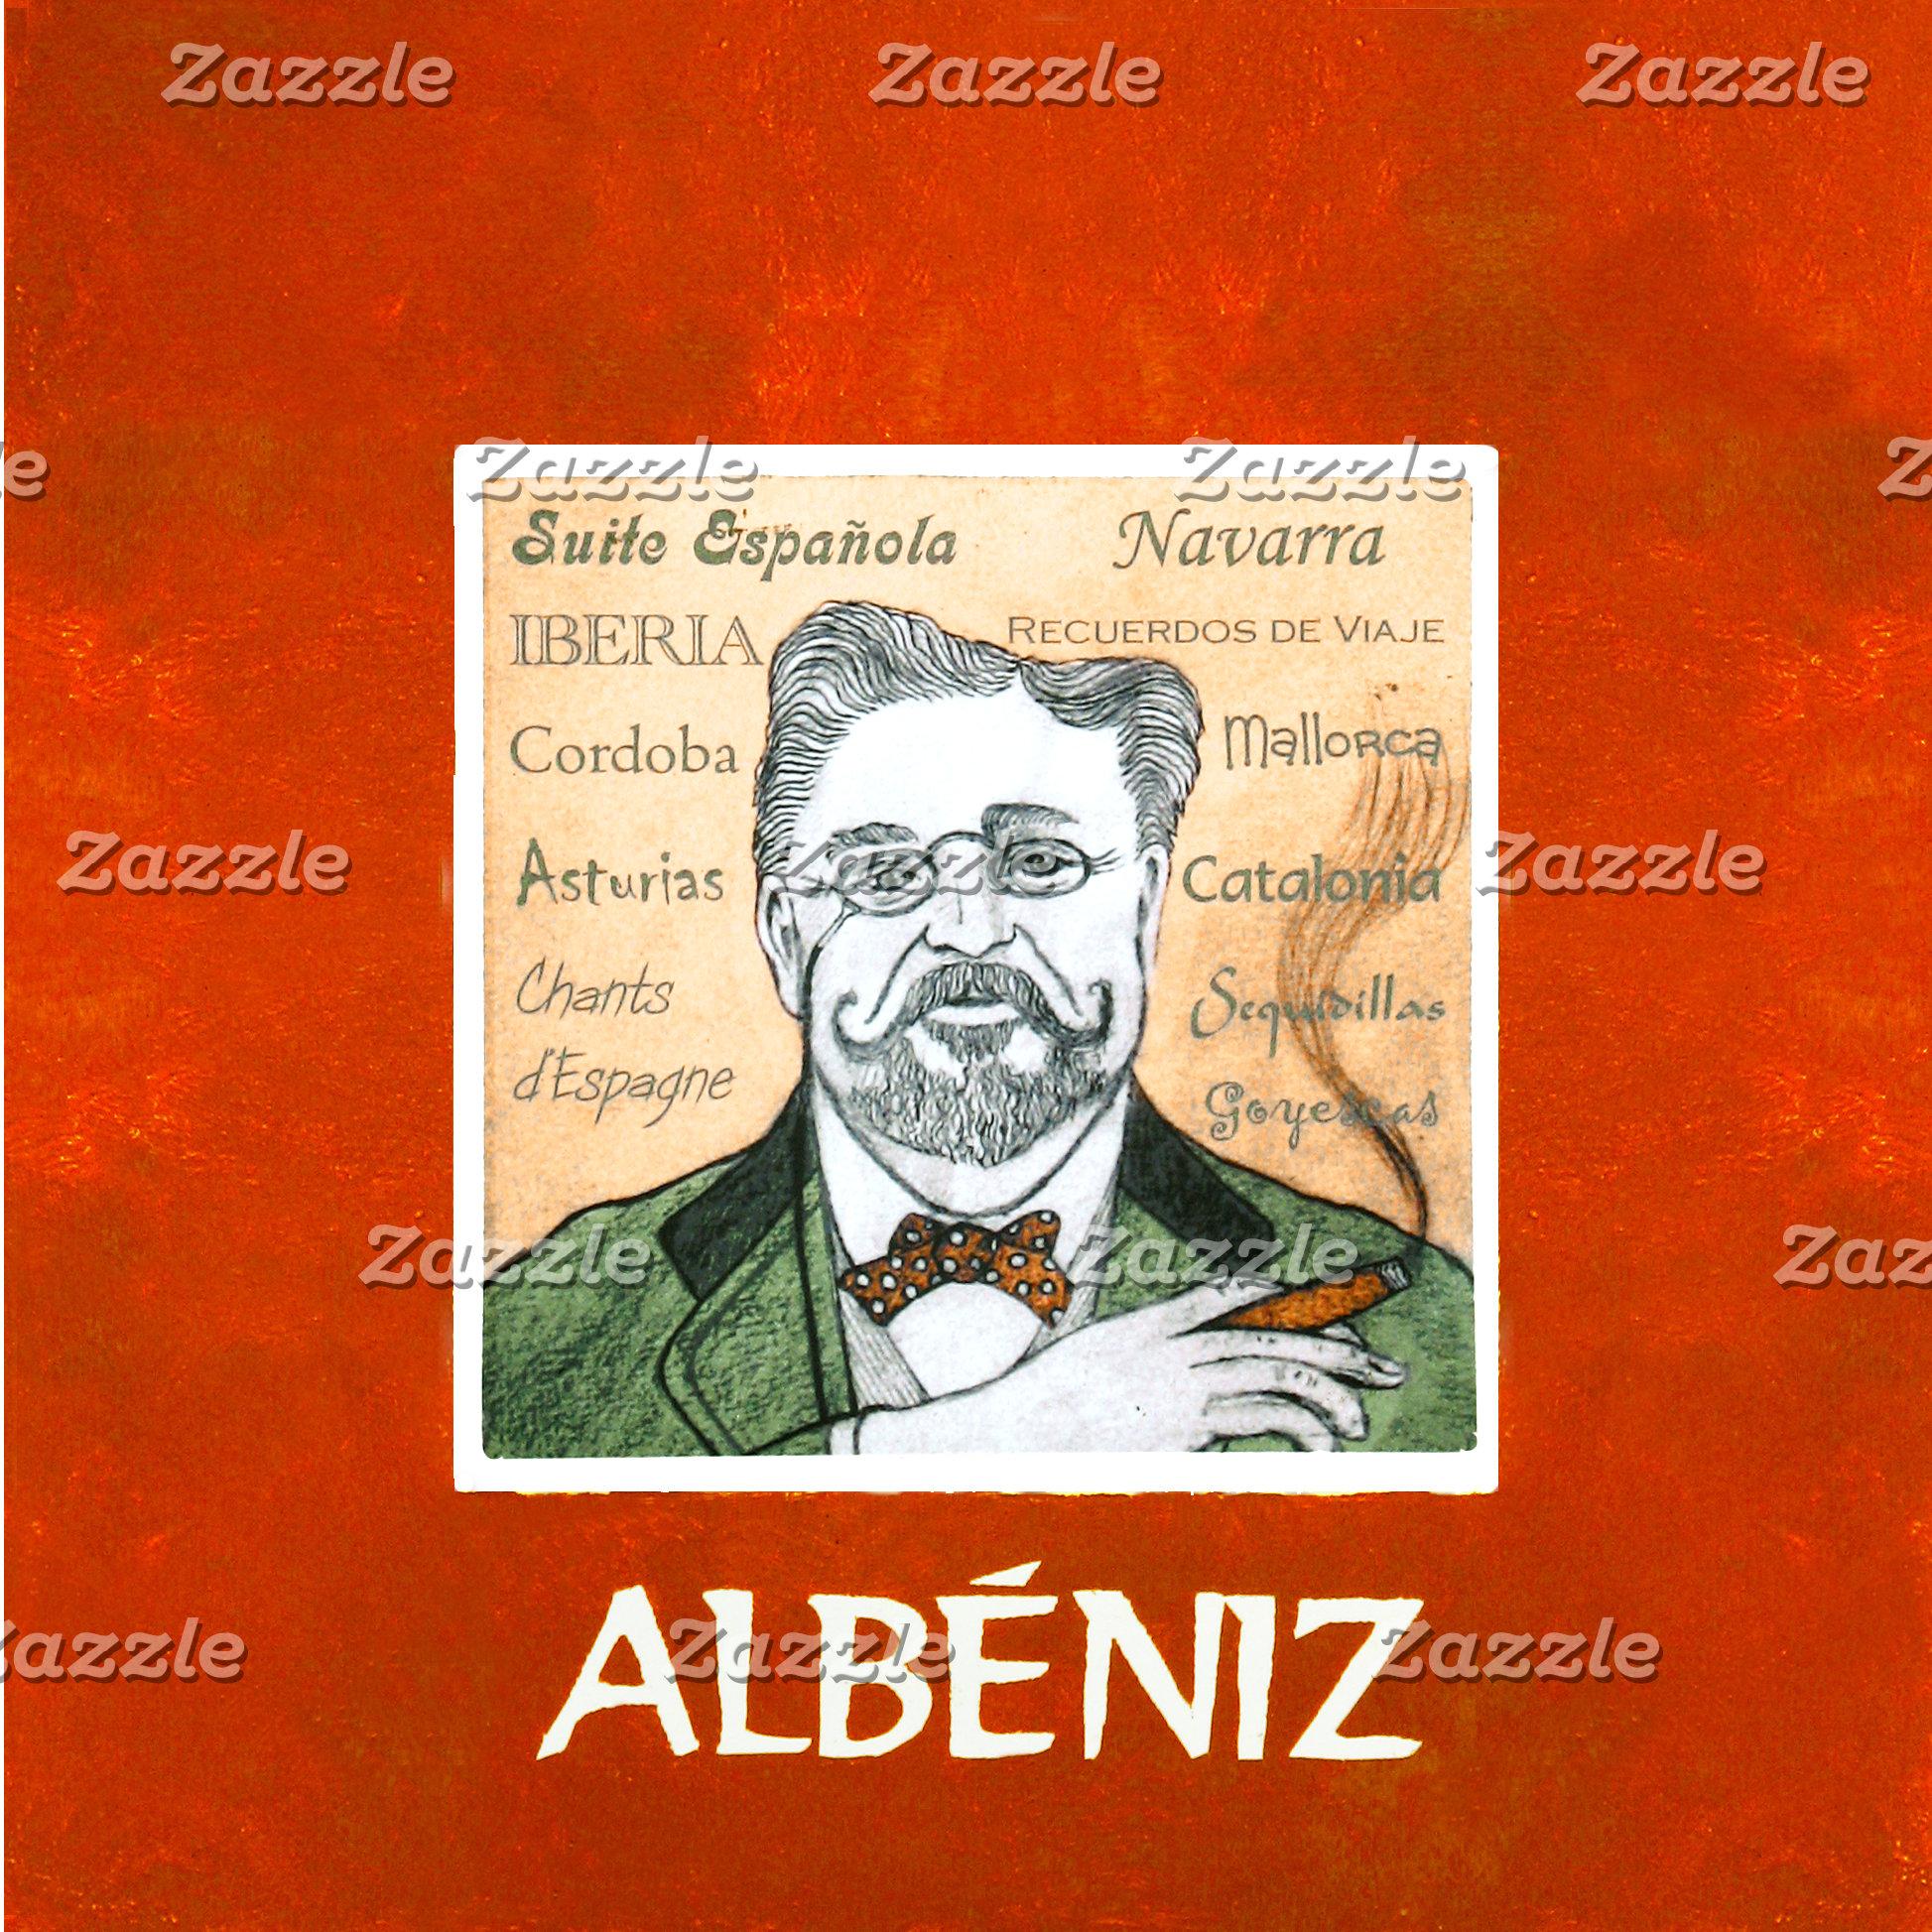 Albeniz